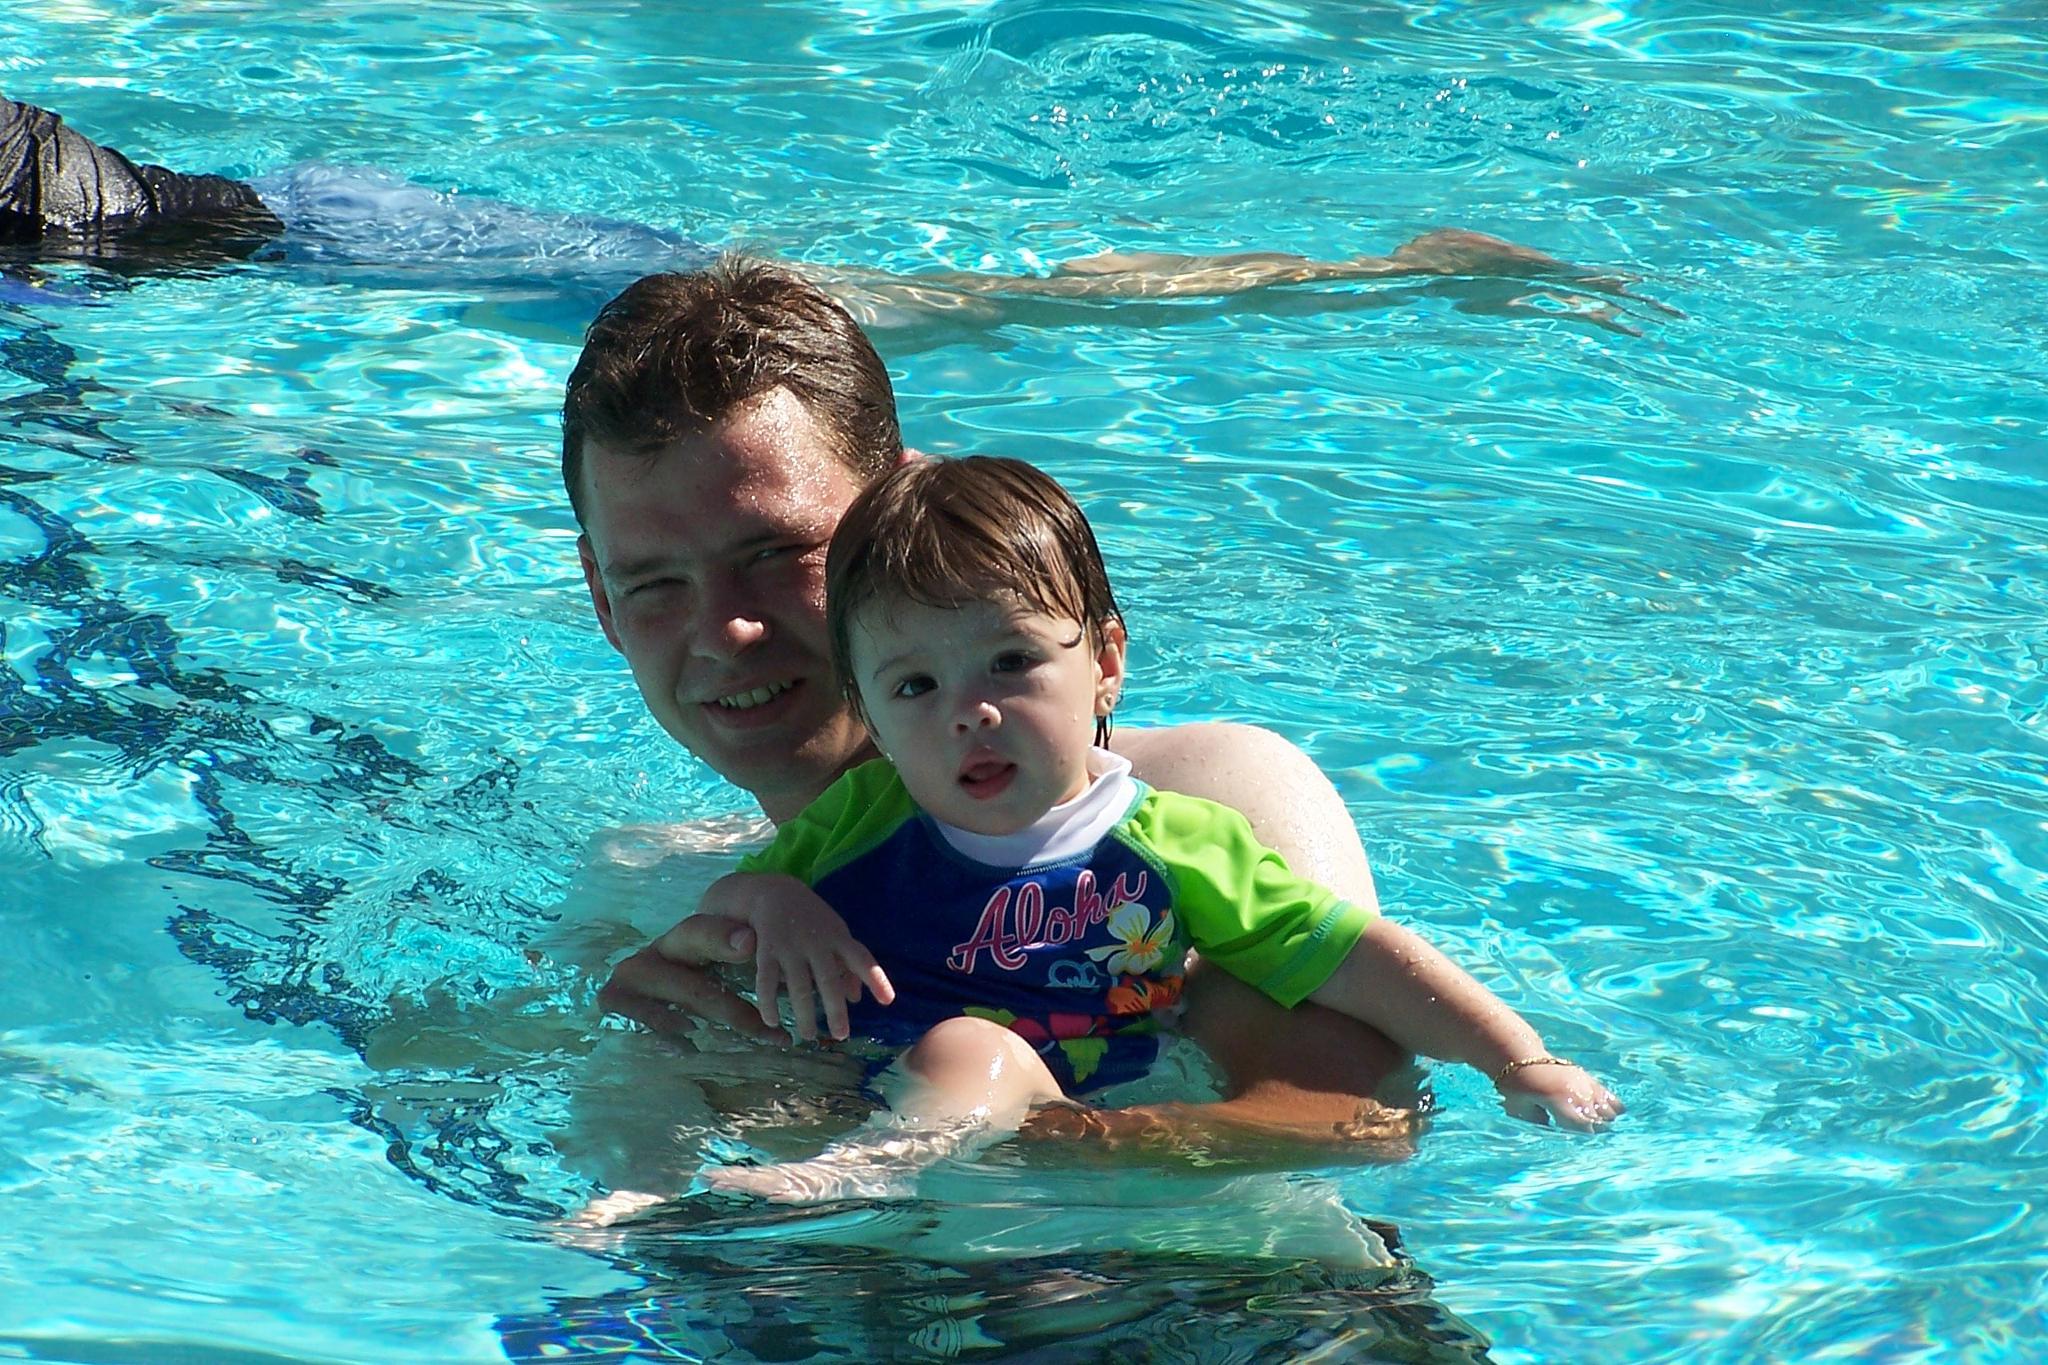 Palm Springs in August by ArleenDel